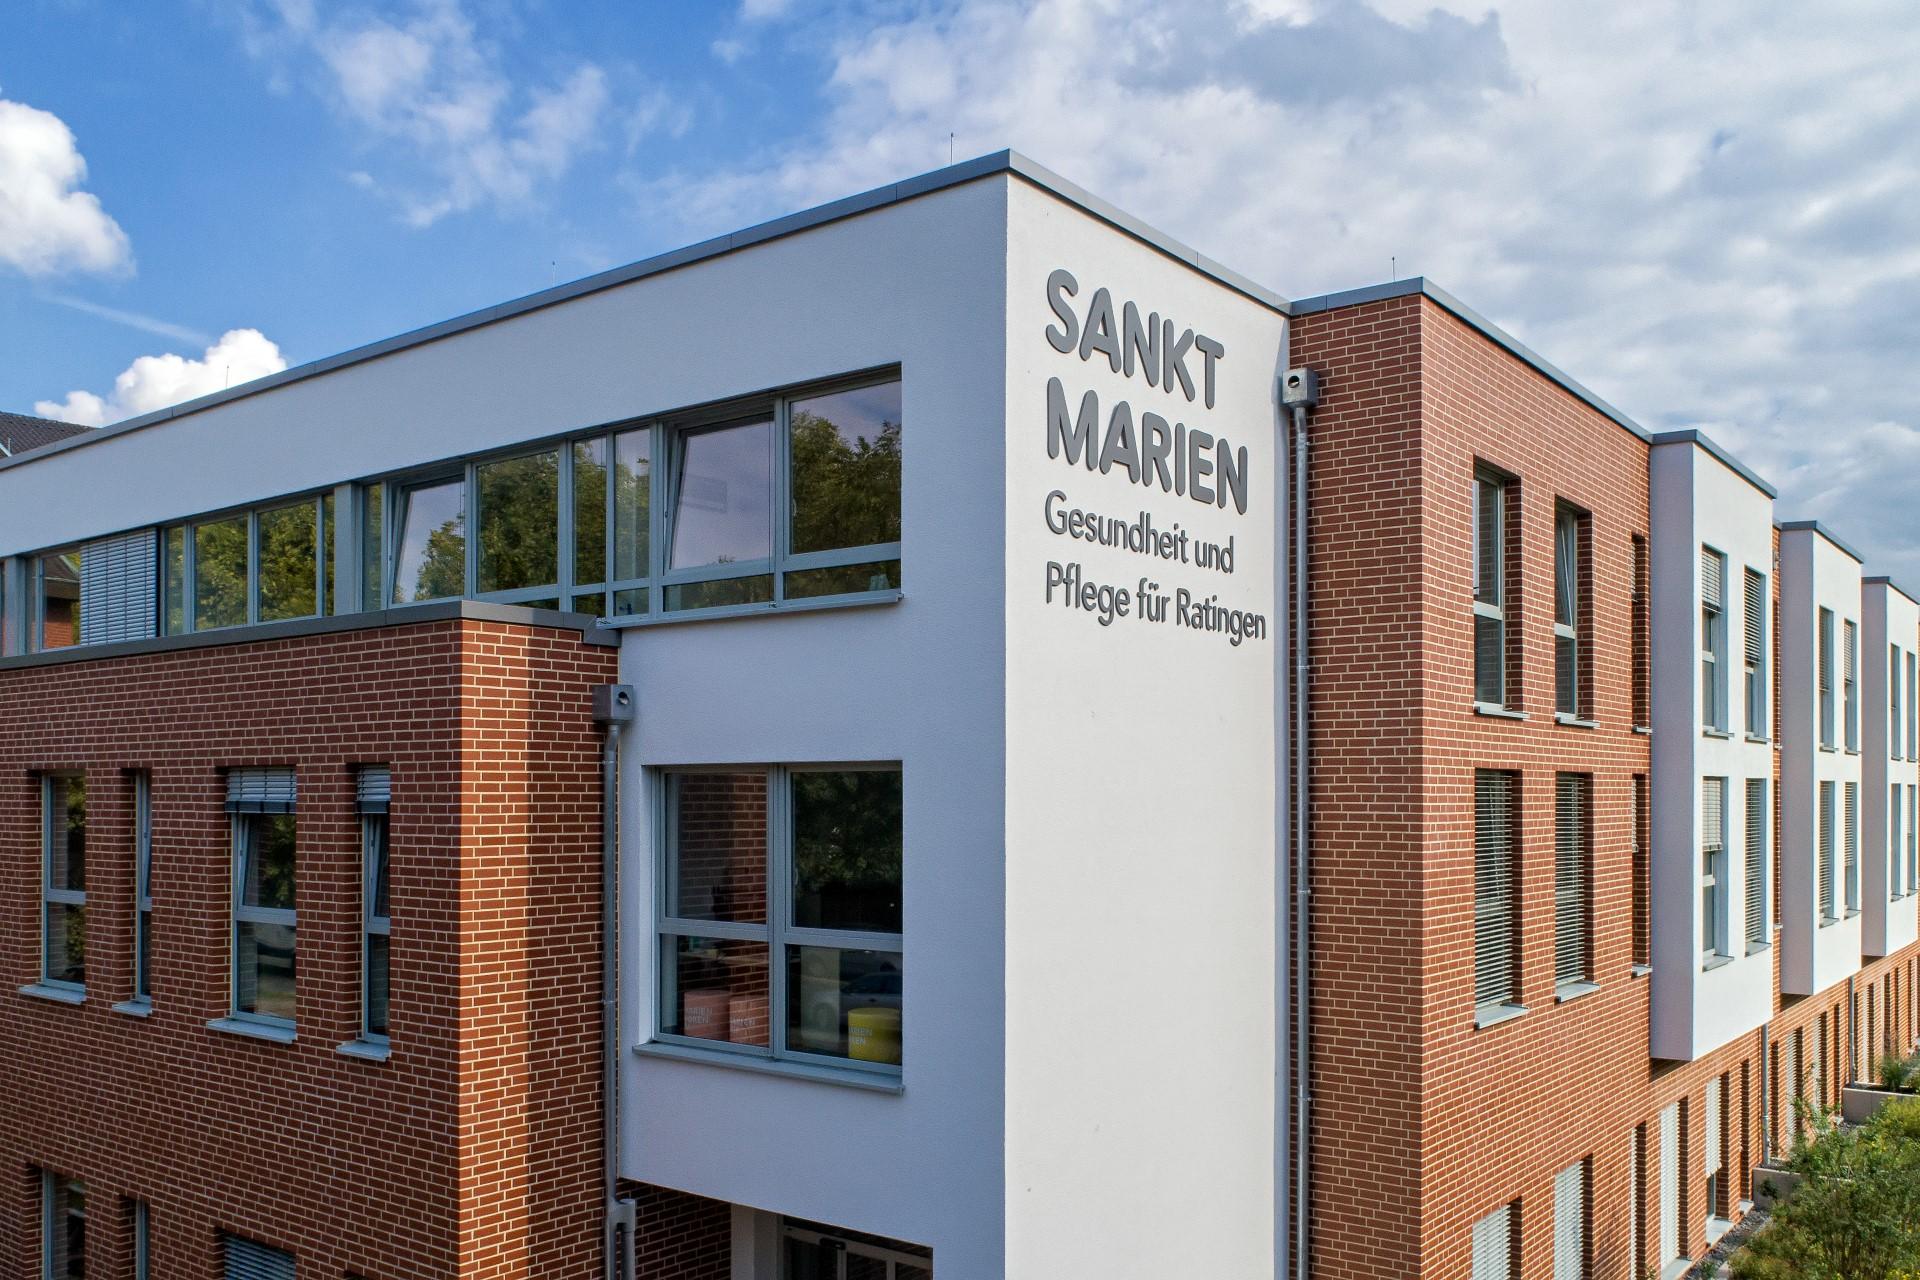 Sankt Marien Senioren Haus Ratingen